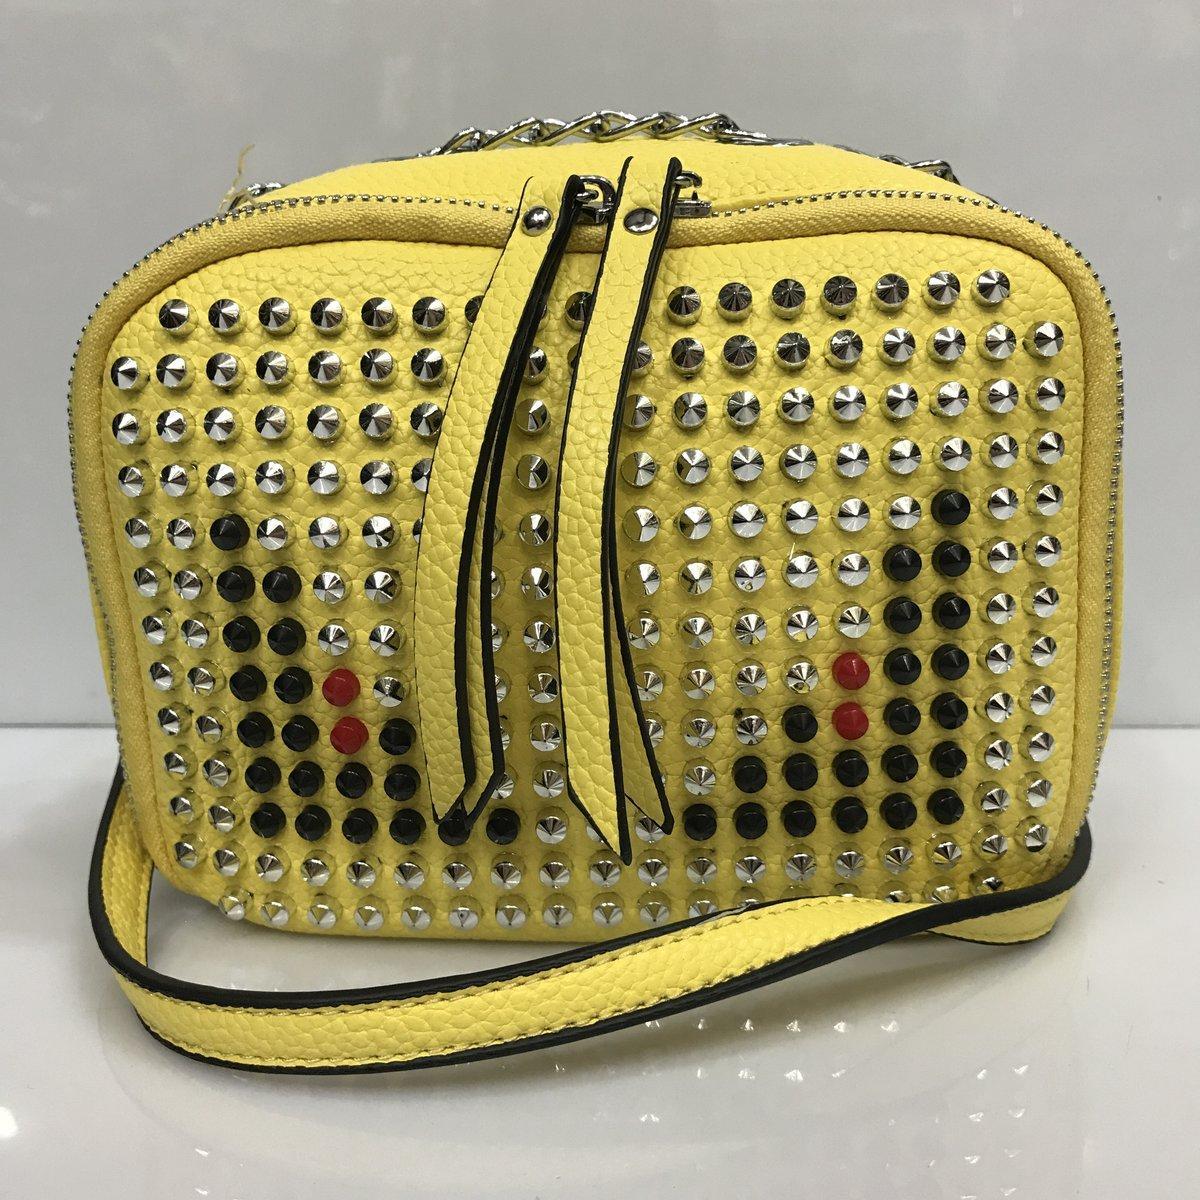 bd40aa0f0799 Cумка клатч 2225 женская с шипами с плечевым ремнем разные цвета желтый -  Shoppingood в Харькове